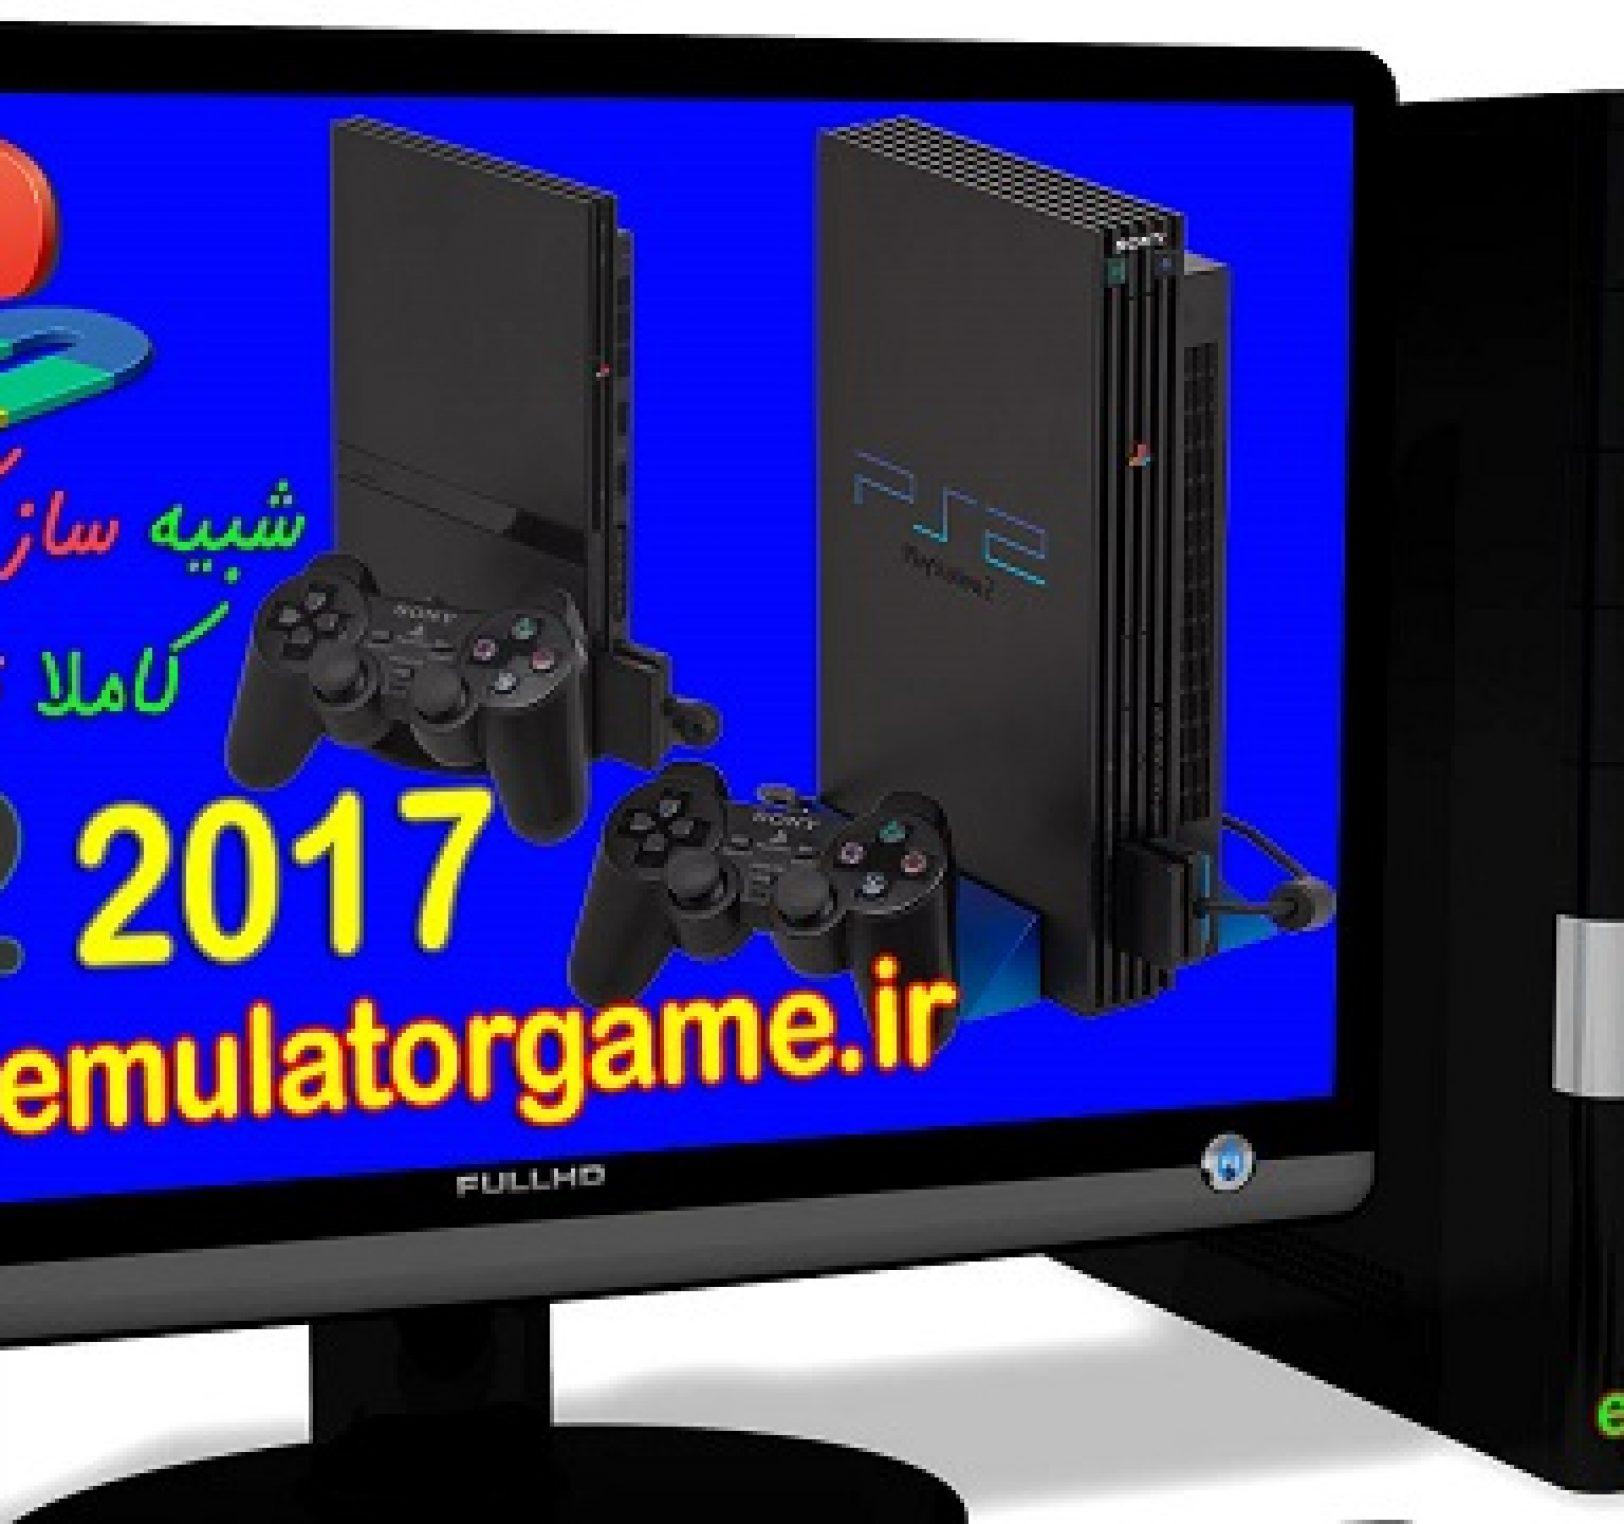 دانلود شبیه ساز Emulator ps2 کامپیوتر 2017 [جدید]